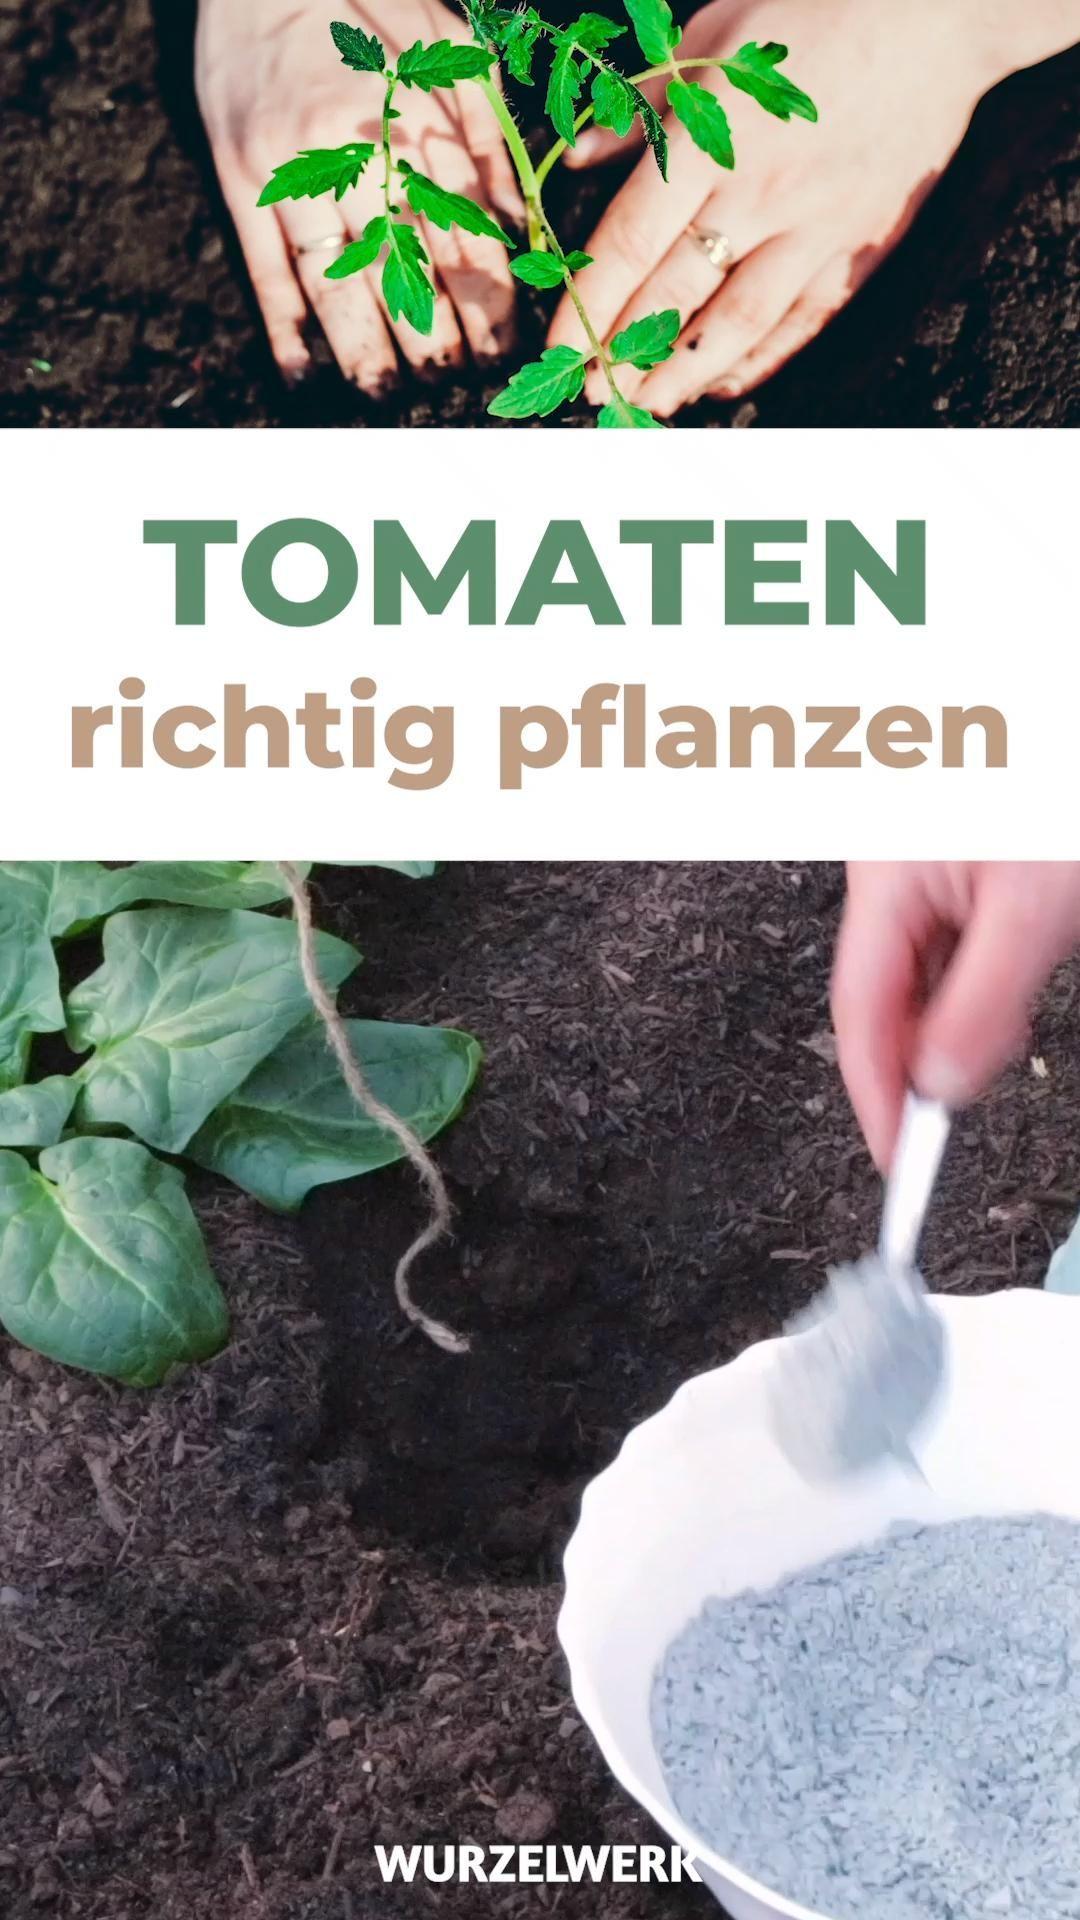 Die Beste Art Tomaten Zu Pflanzen Die Komplette Anleitung Deine Tomatenpflanzen Sind Gross Genug Um Sie Im In 2020 Tomaten Pflanzen Pflanzen Gewachshaus Pflanzen